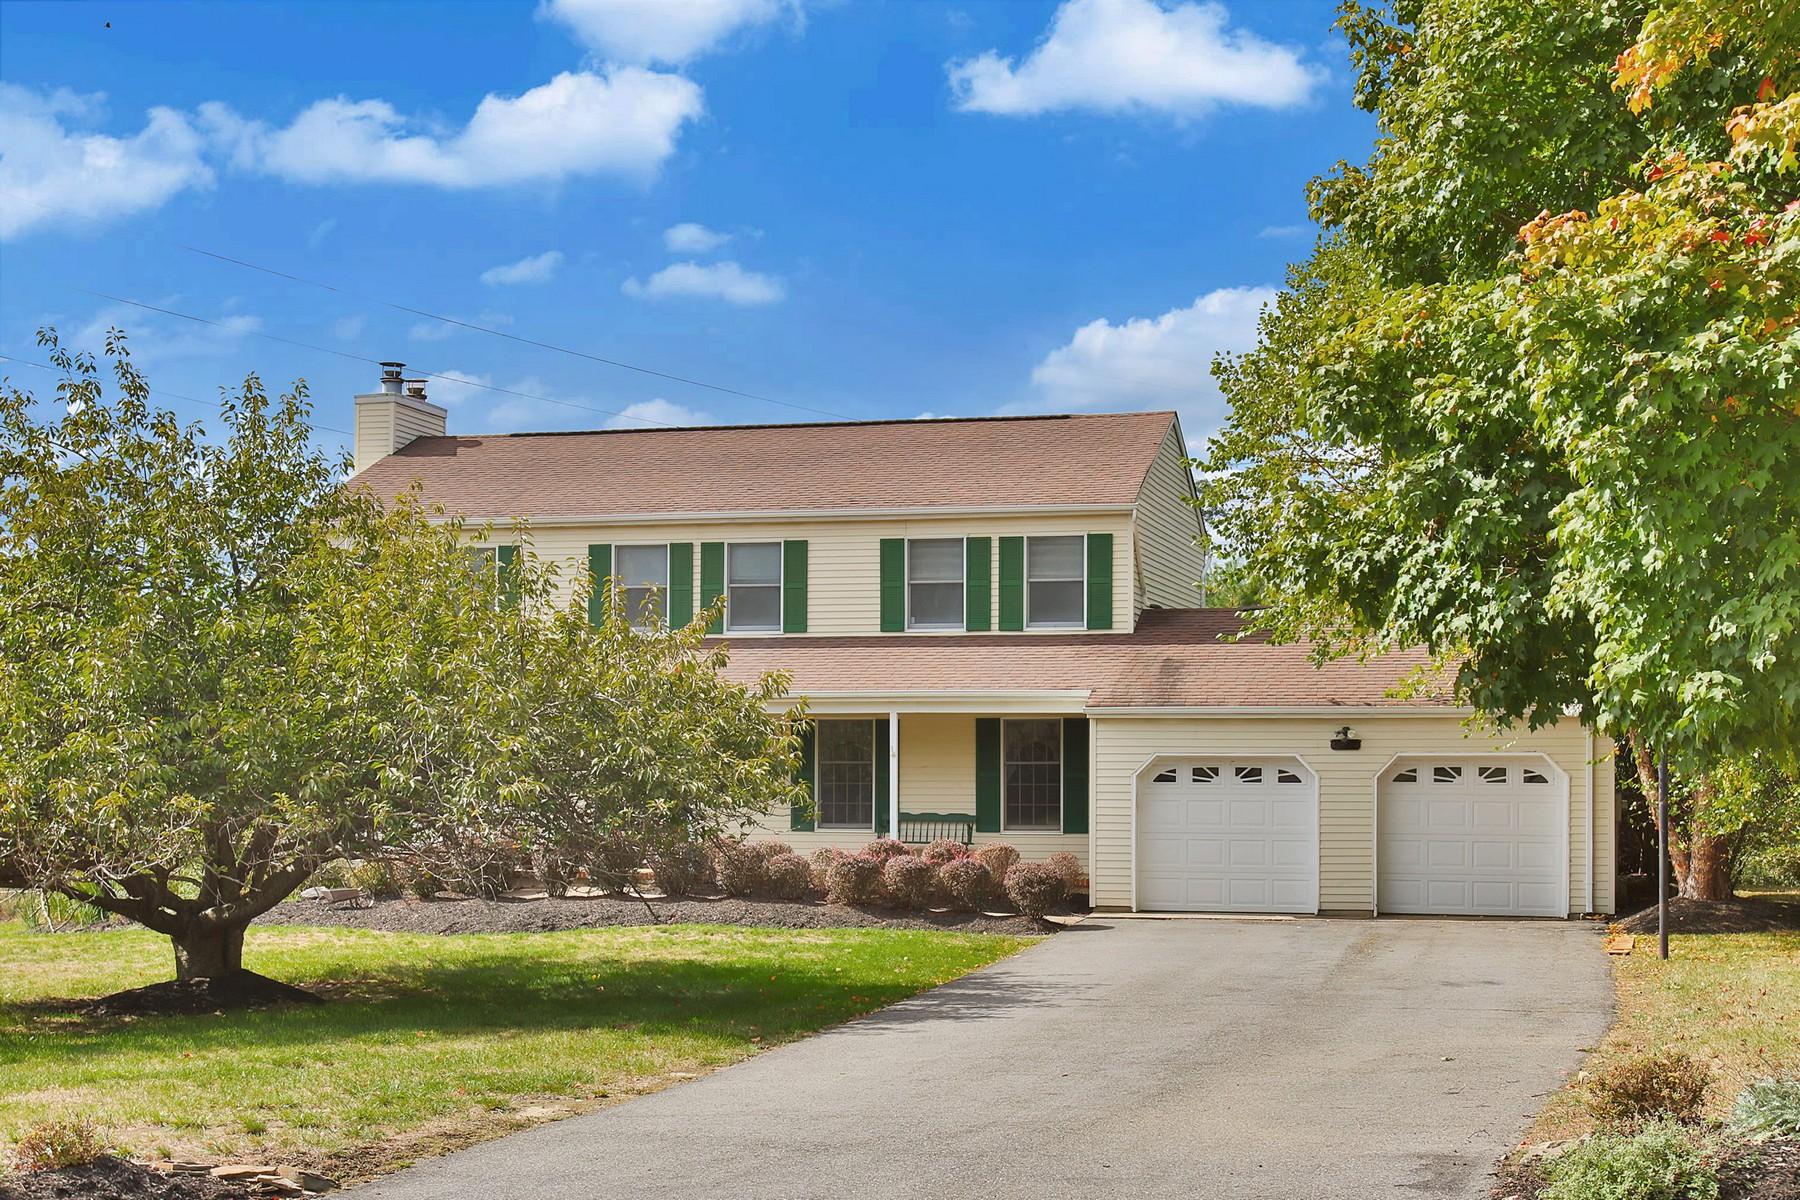 Maison unifamiliale pour l Vente à 19 Longview Drive Colts Neck, New Jersey 07722 États-Unis